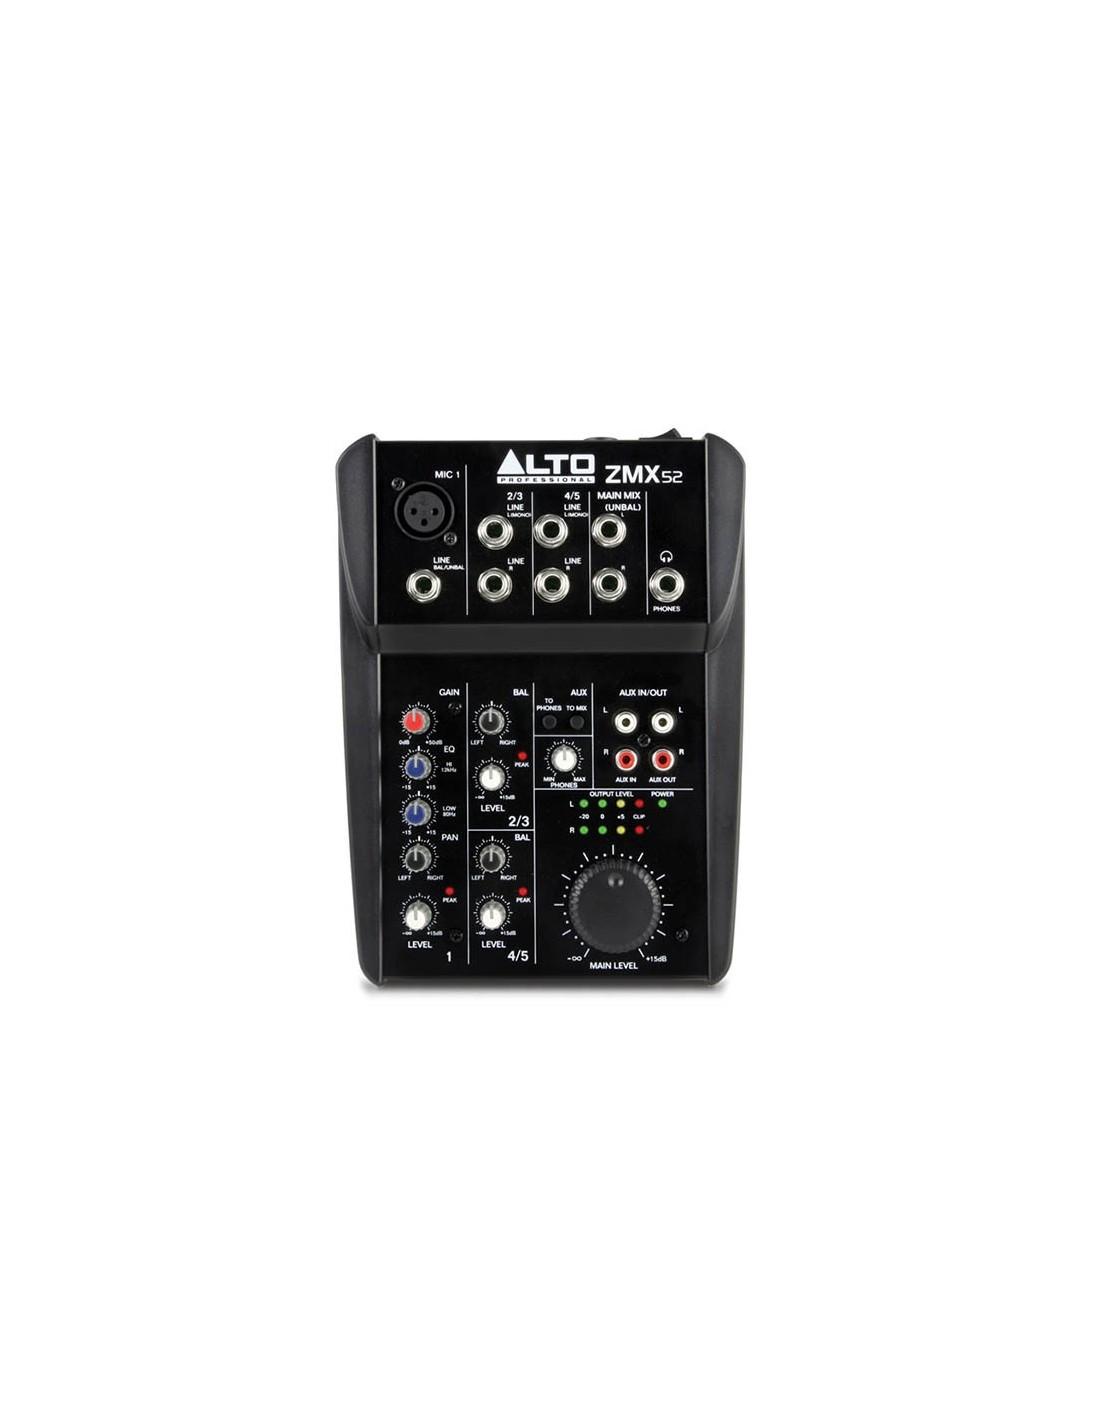 Mezclador ZMX52 Alto Professional